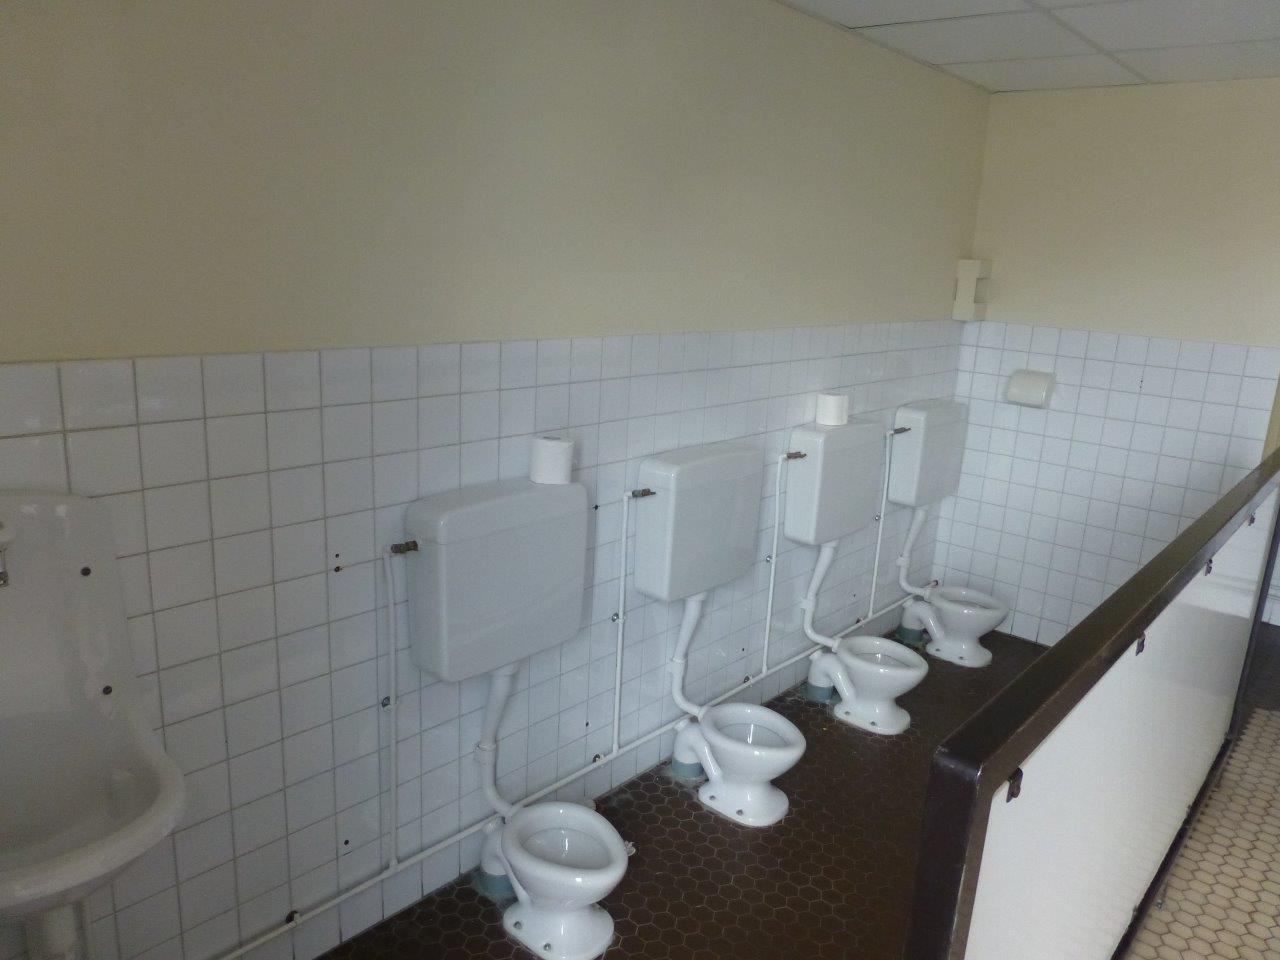 Sanitaire maternelles (2)